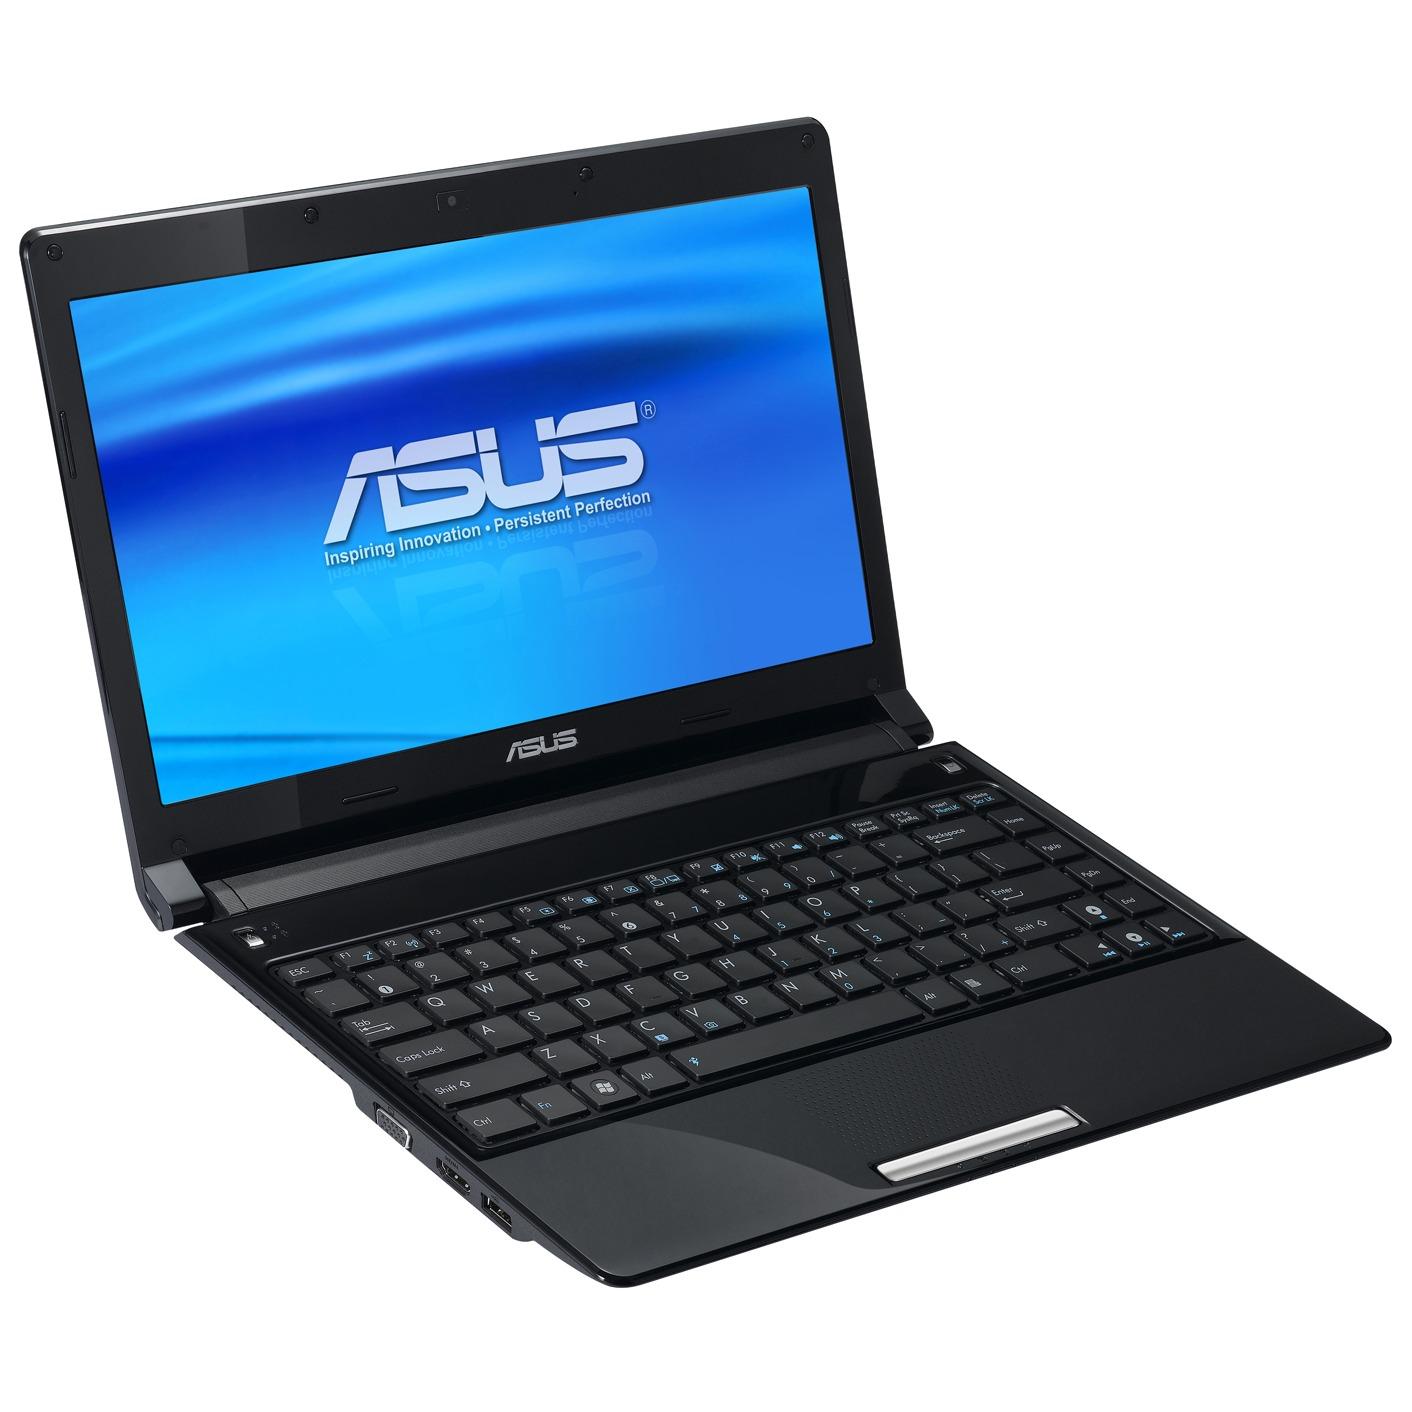 """PC portable ASUS UL30A-QX090V ASUS UL30A-QX090V - Intel Core 2 Duo SU7300 4 Go 320 Go 13.3"""" LCD Wi-Fi N Webcam Windows 7 Premium (garantie constructeur 2 ans)"""